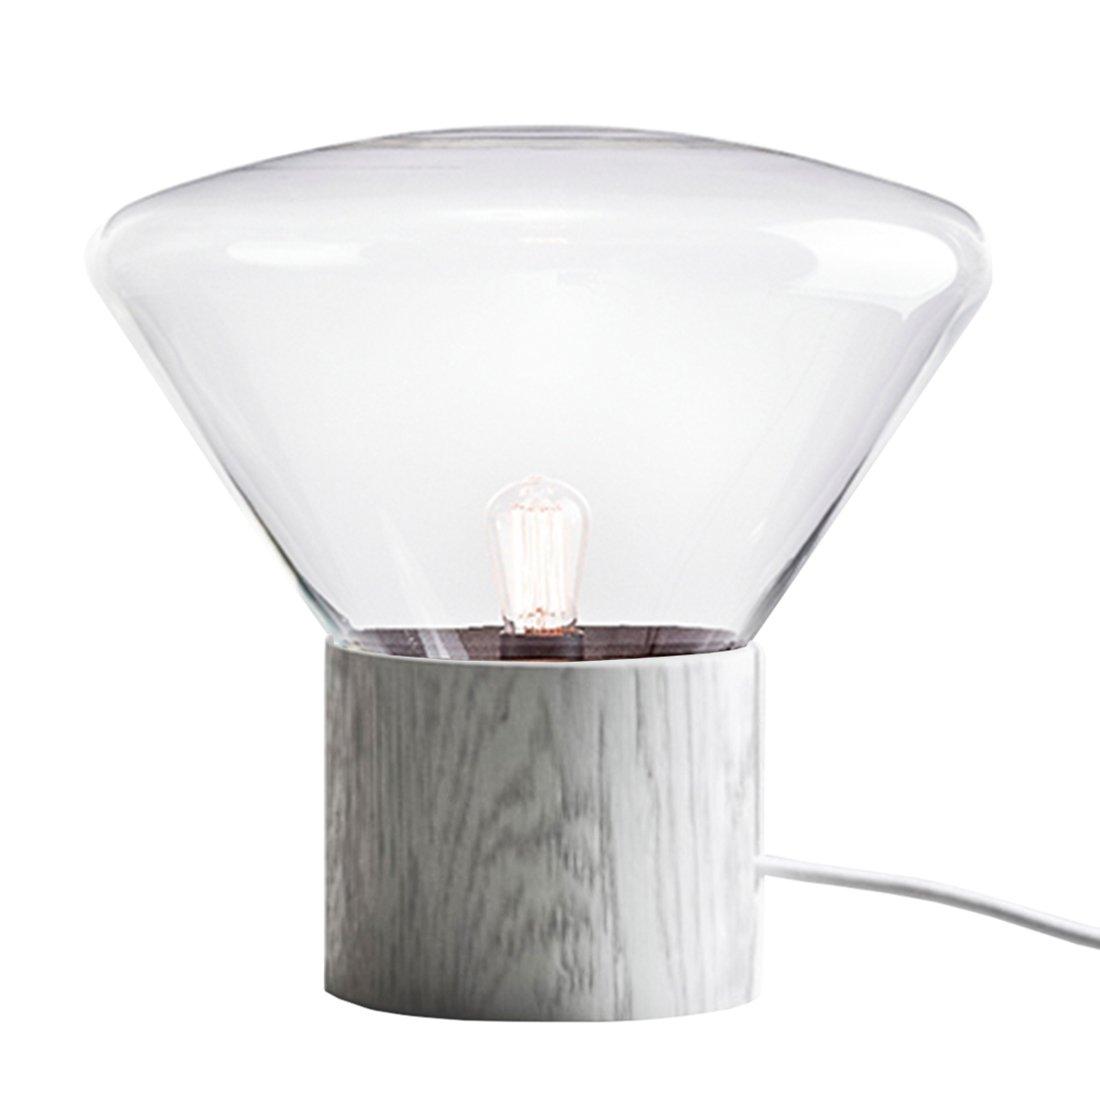 Brokis Muffin Large Tafellamp Transparant - Wit Eiken